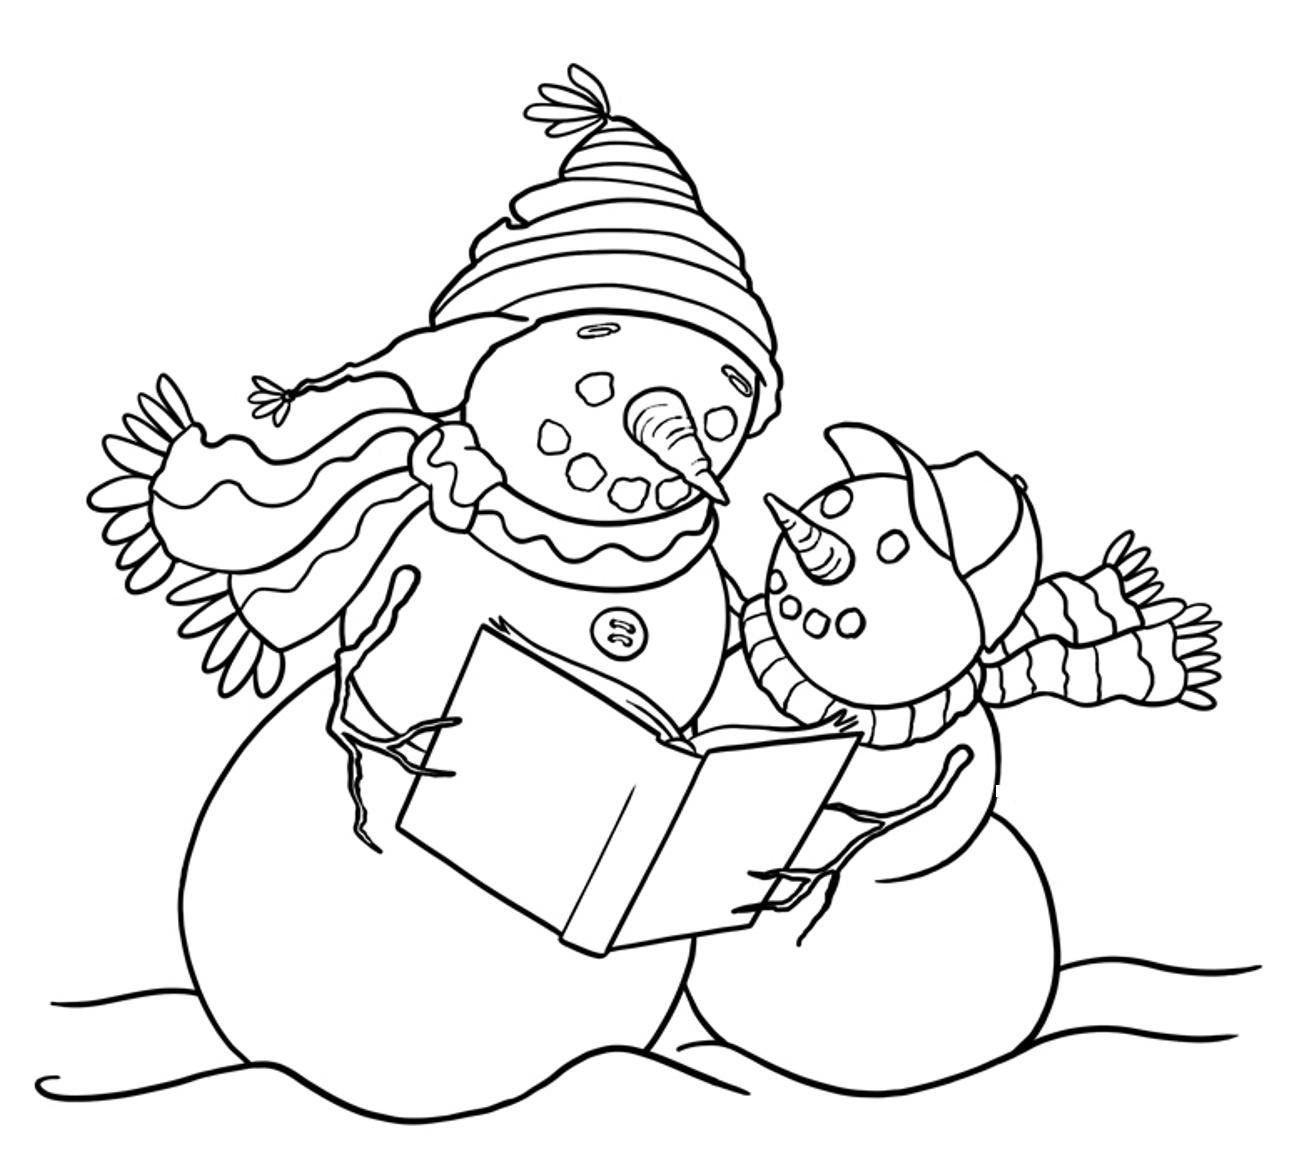 Reading Snowman Coloring Pages   MARC   Pinterest   Snowman